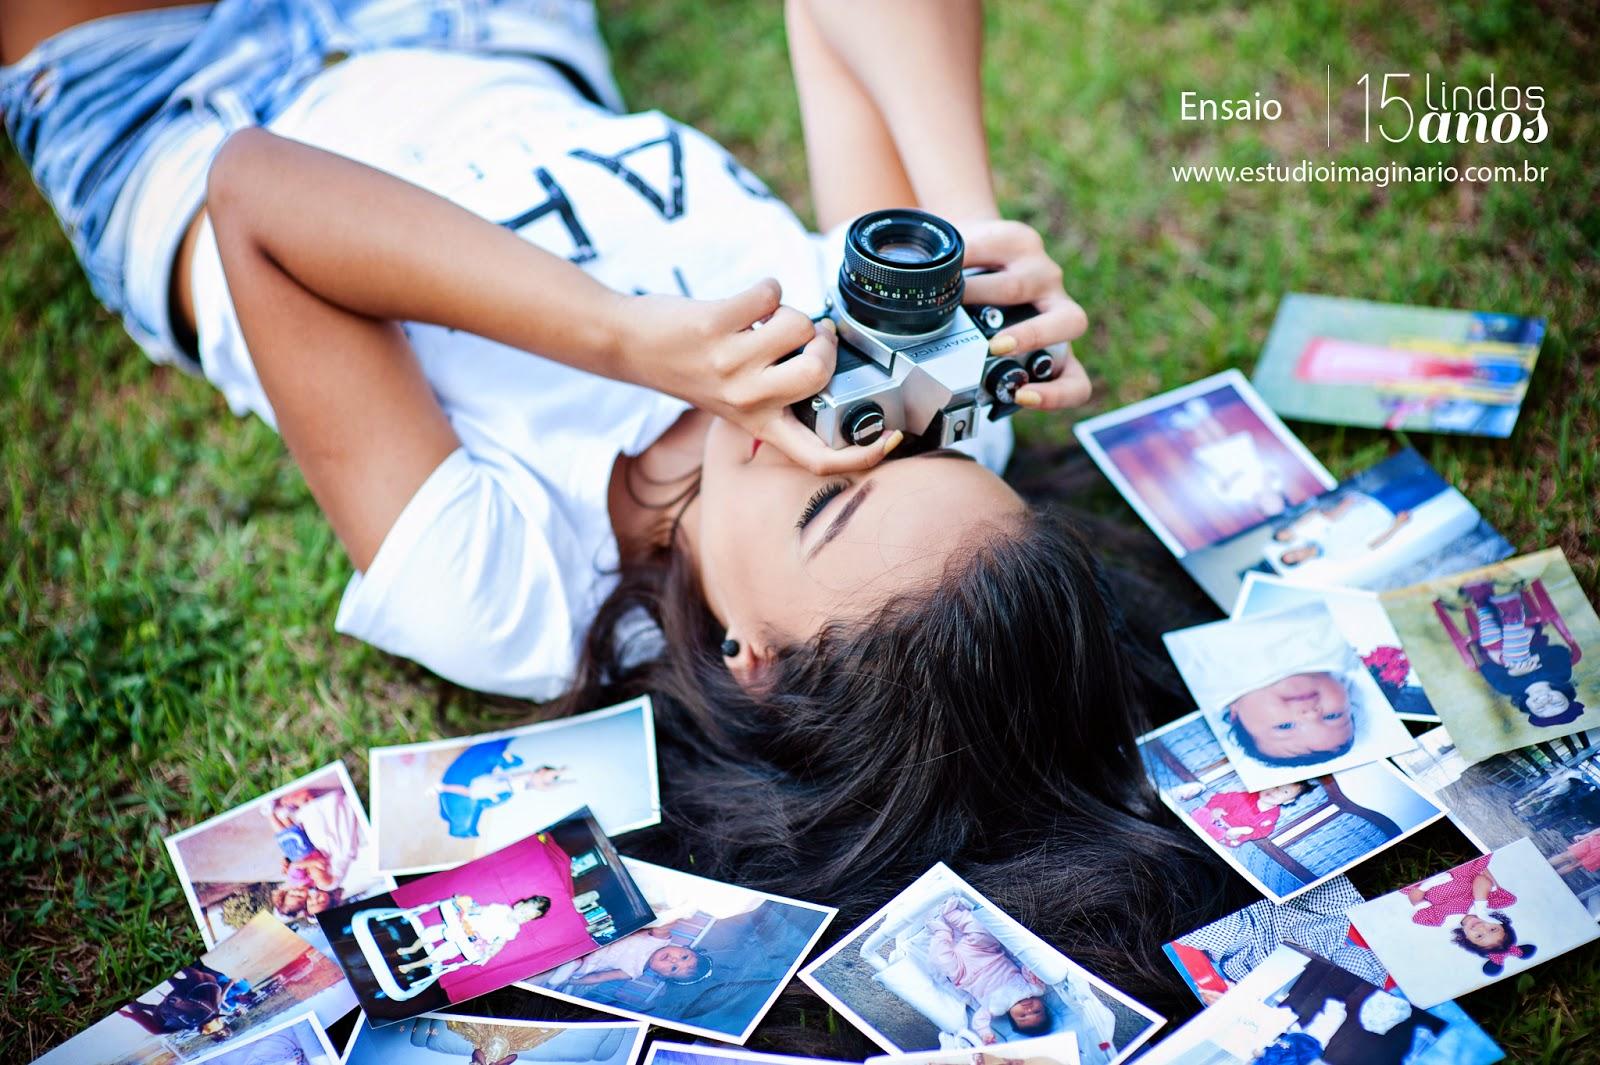 15 anos bh, 15 lindos anos, bicicleta, book 15 anos bh, book de fotos 15 anos, diferentes, estúdio fotografico bh, fazer book 15 anos, festa 15 anos bh, fotos 15 anos bh contagem betim, melhores fotos 15 anos,